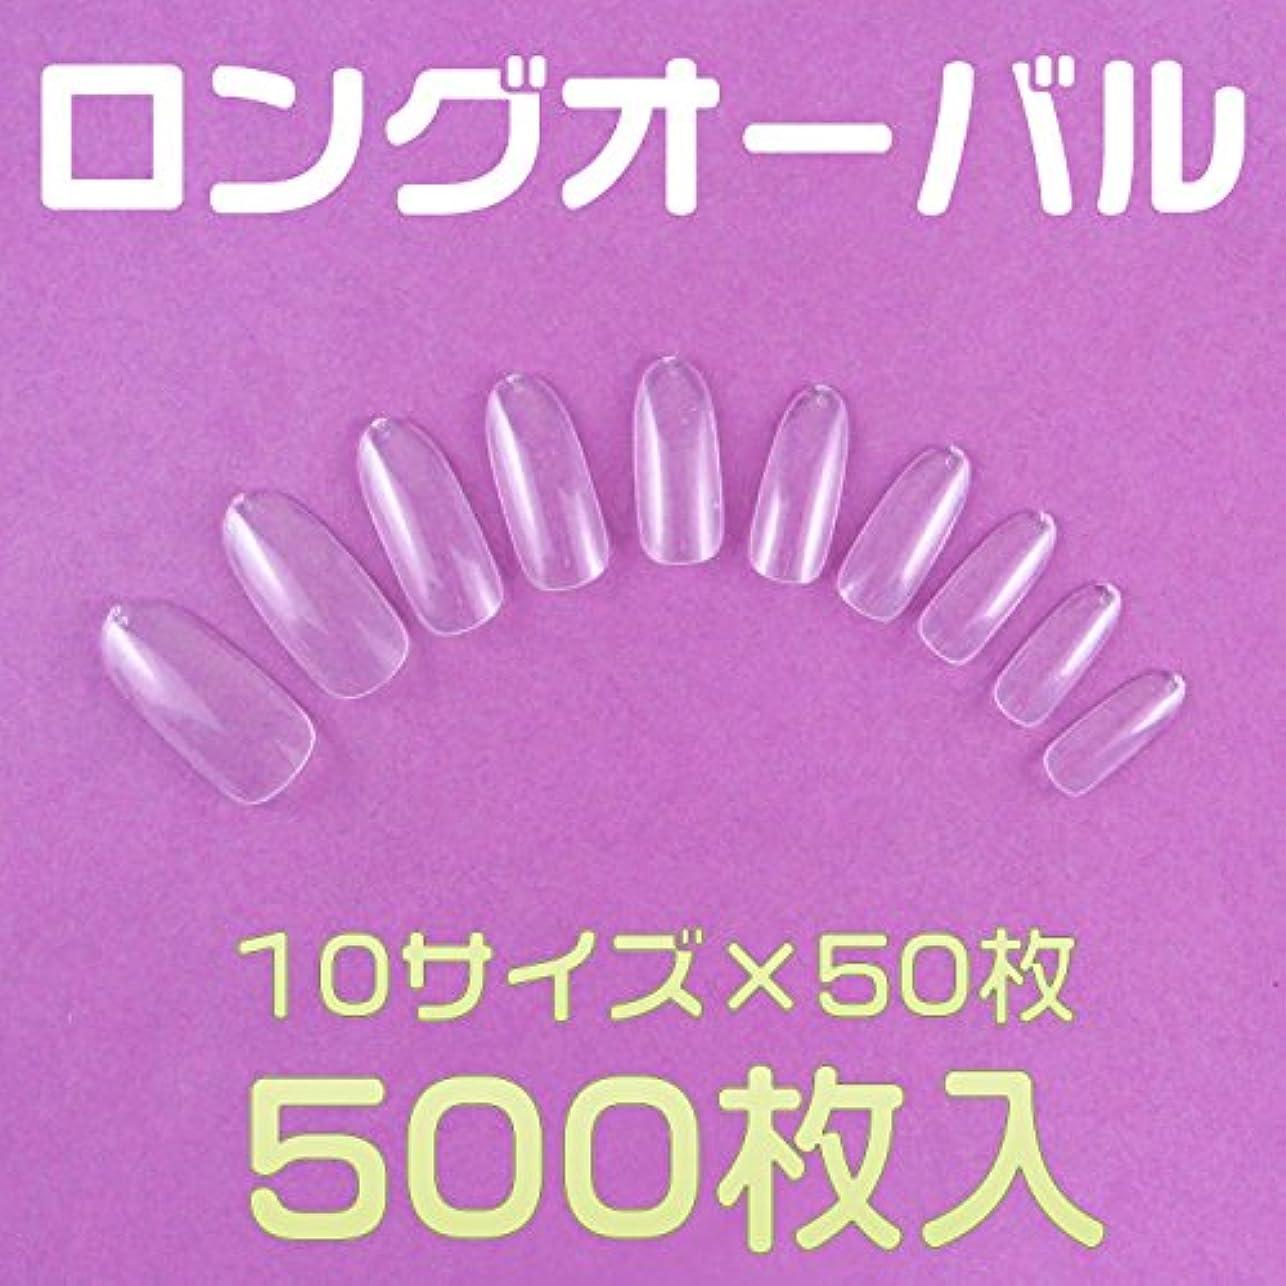 シーサイド未使用独占ネイルチップ 無地 クリア ロングオーバル500枚 [#3]フルカバー プレーンチップ オーダー用通販